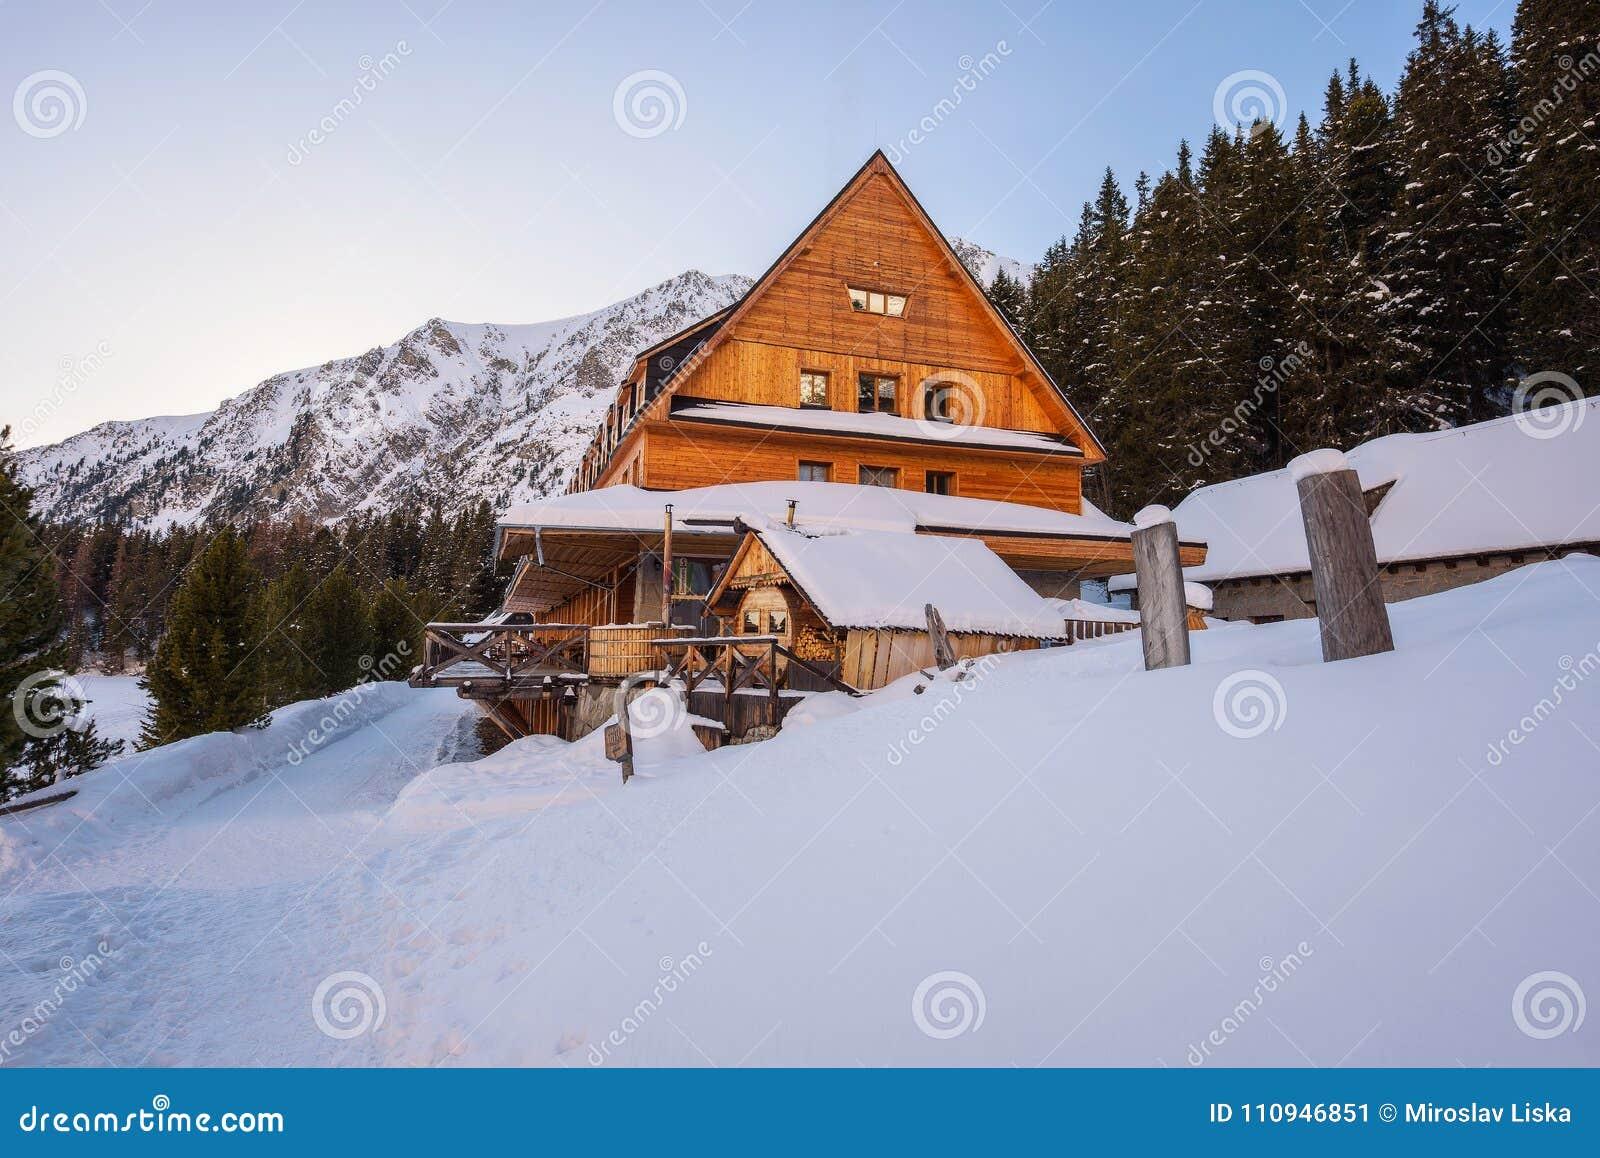 Отели в горах словакии видео обучение массажу бесплатно